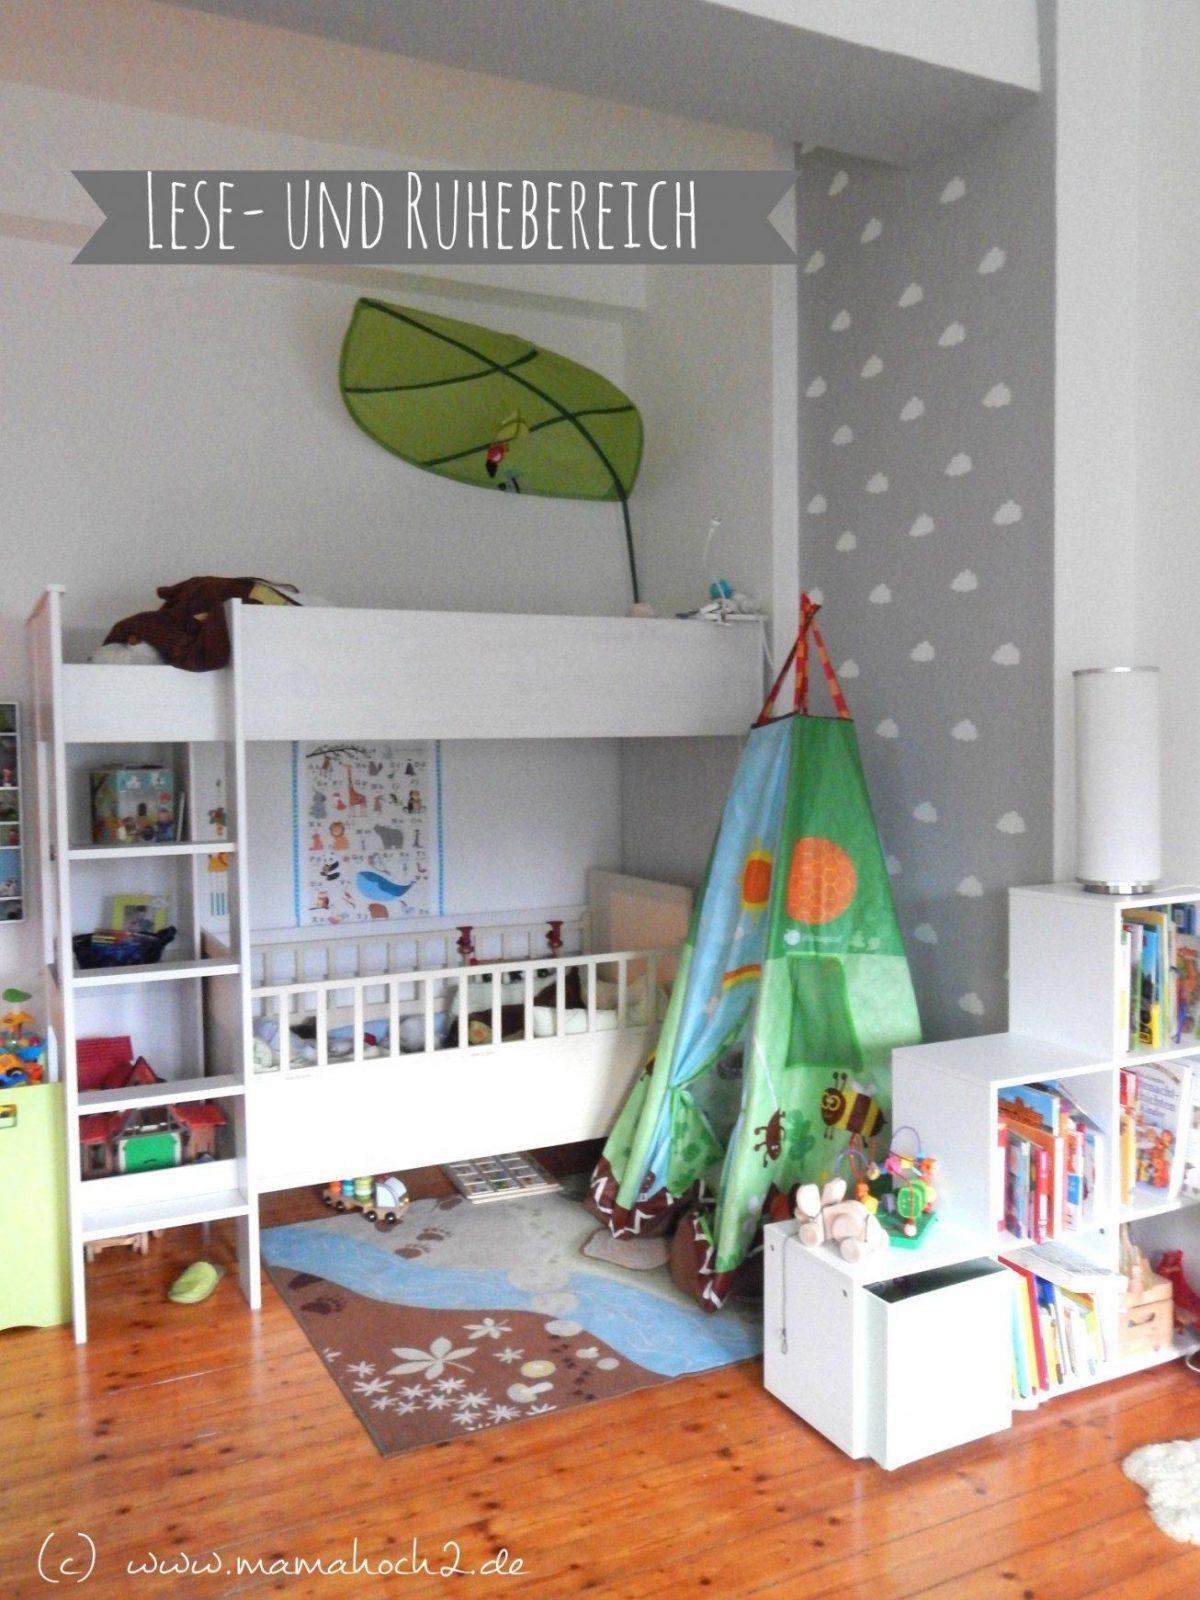 Kinderzimmer Für Zwei Lausebengel  Kinderzimmerideen  Kinderzimmer von Kleines Kinderzimmer Für Zwei Einrichten Bild